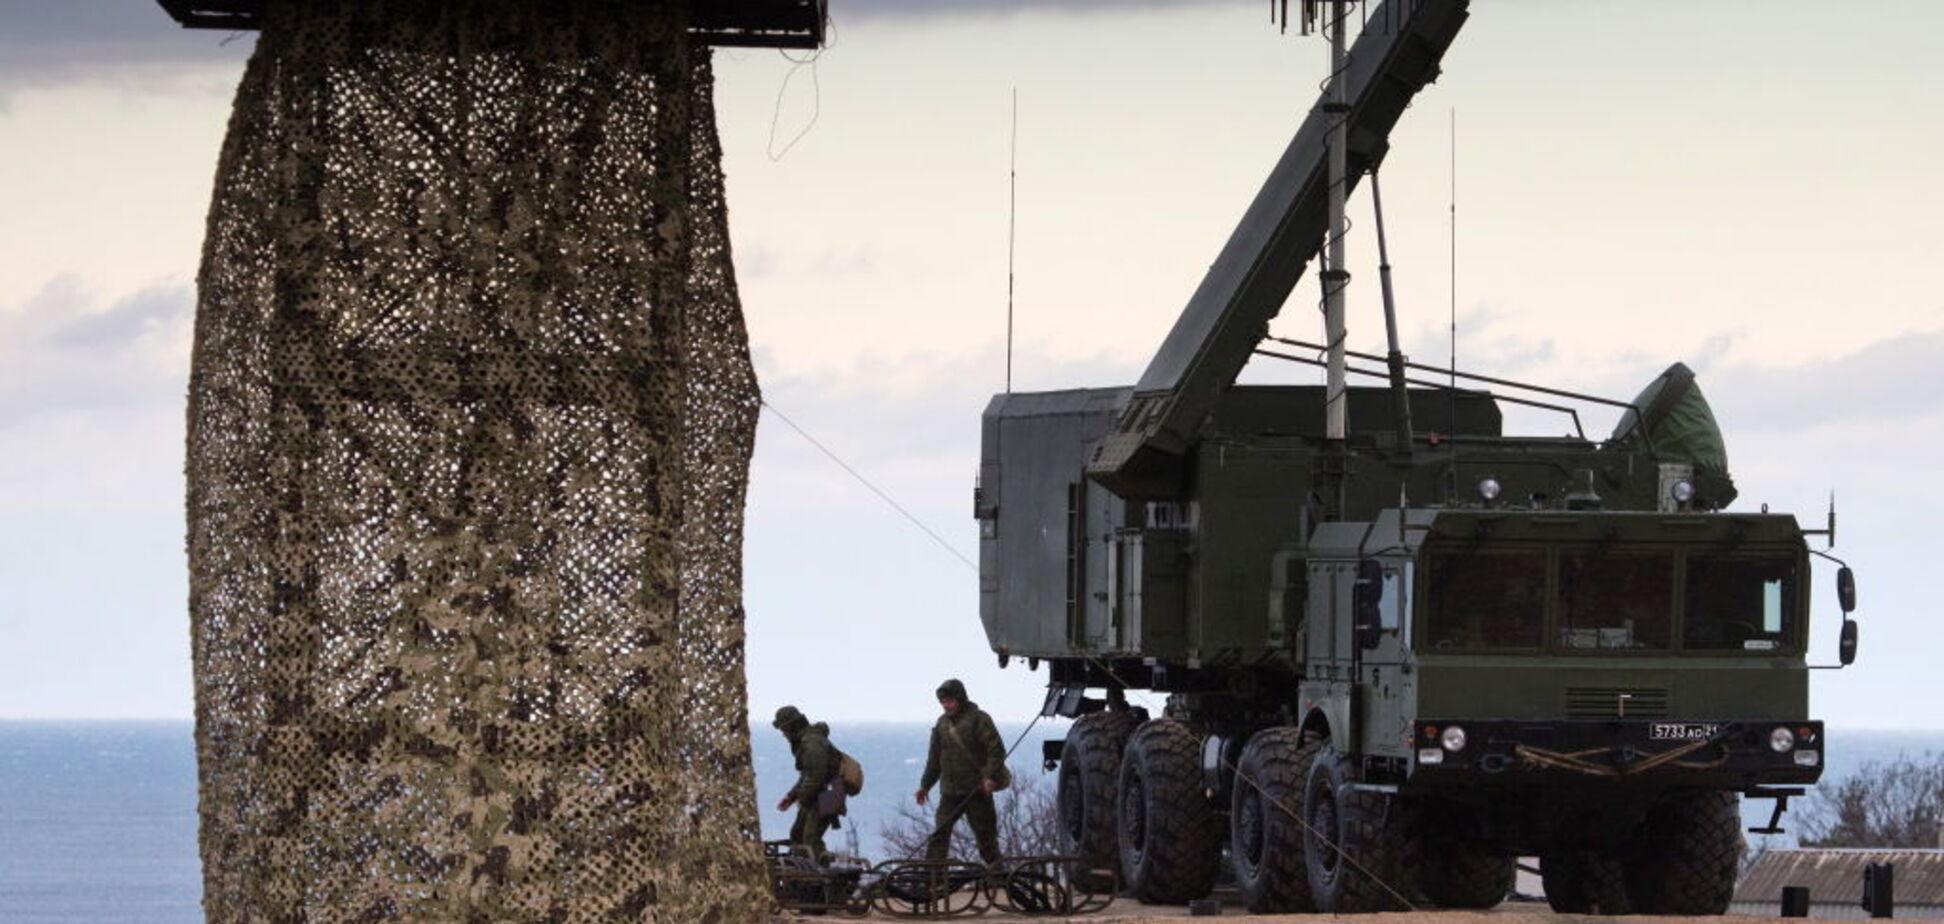 'Он многое нарушил': генерал объяснил военные цели Путина в Крыму